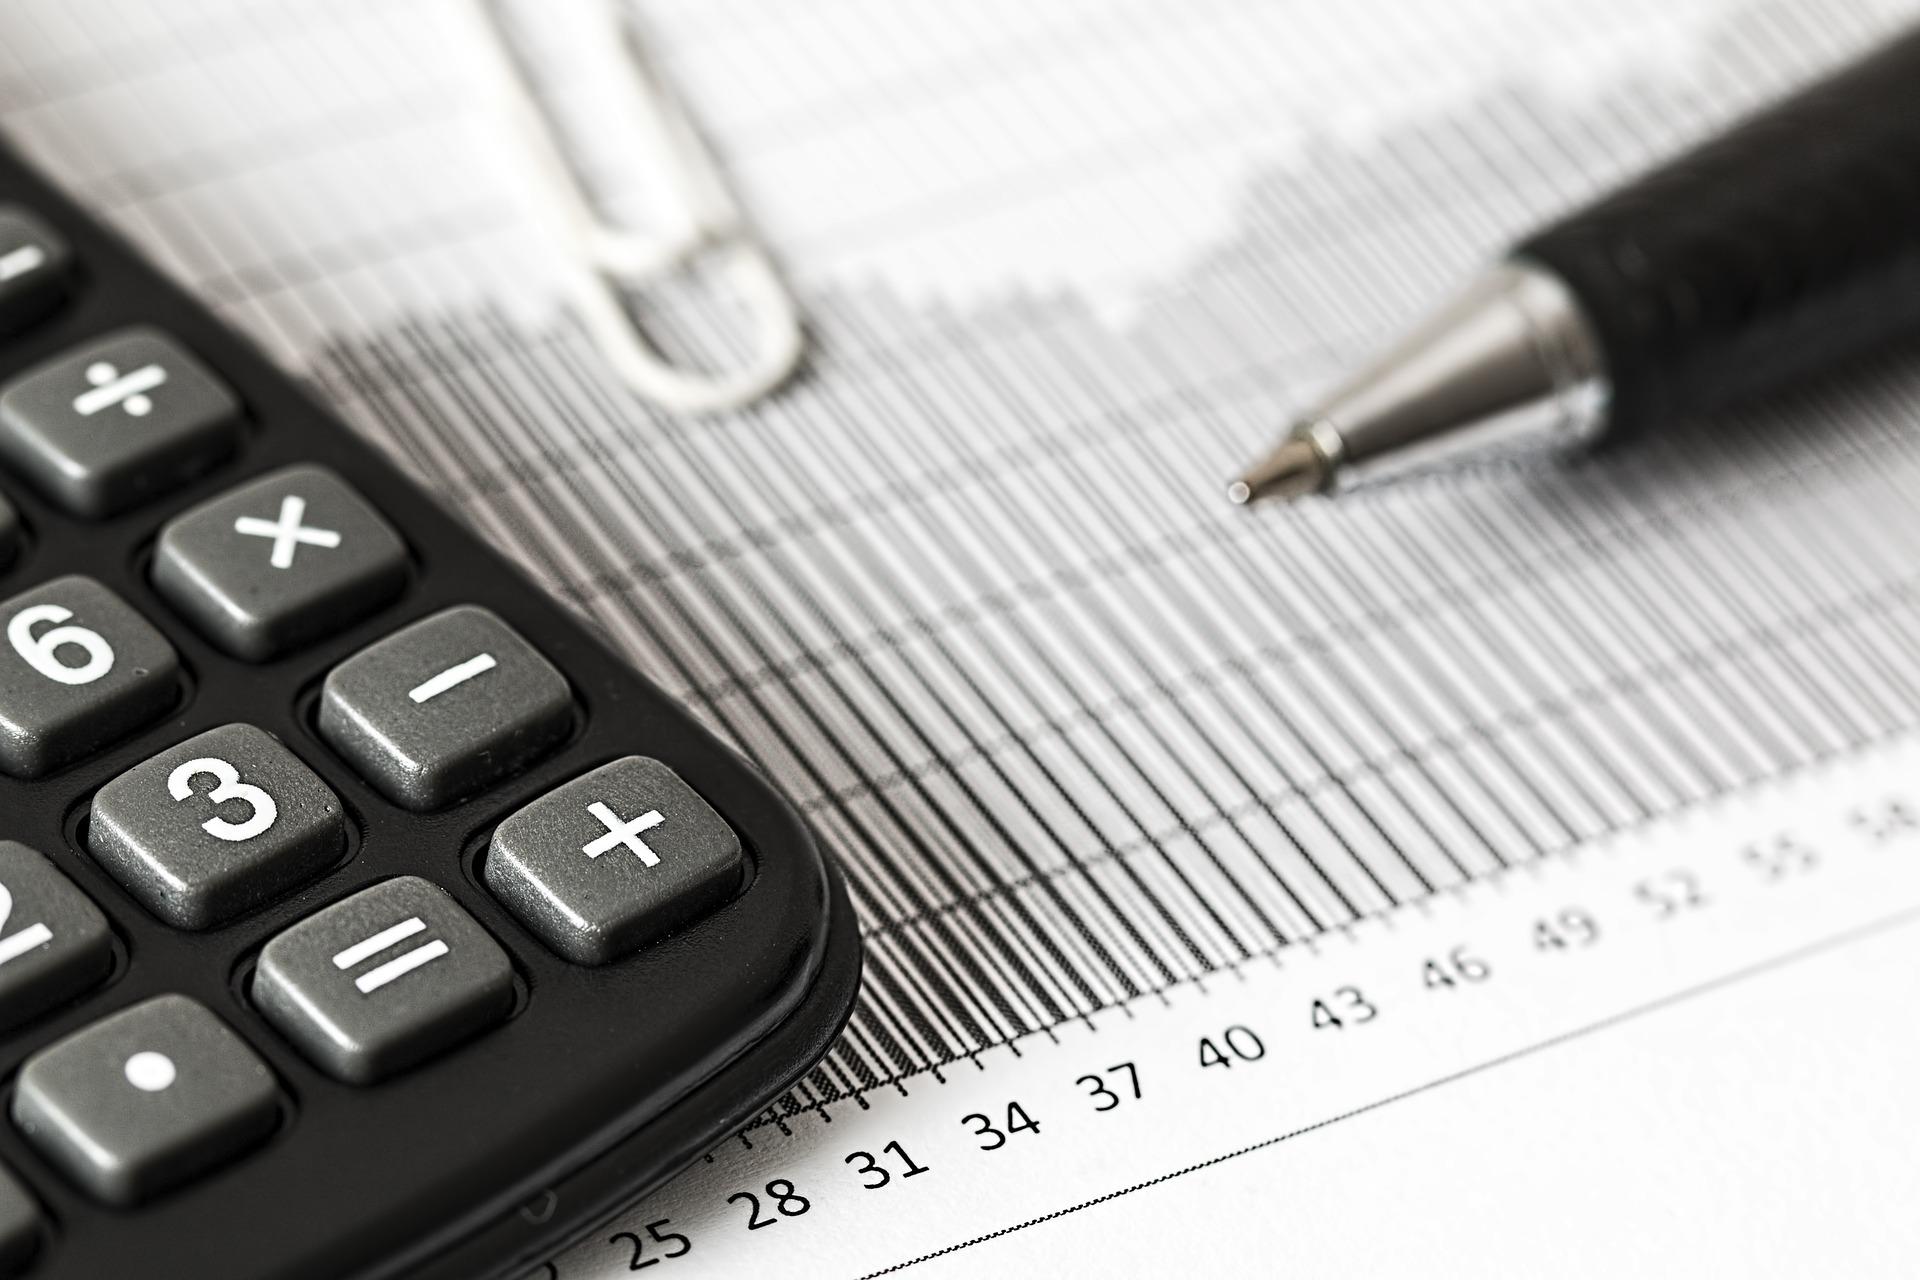 Quanto costa vendere su Ebay: tariffe per i venditori professionali